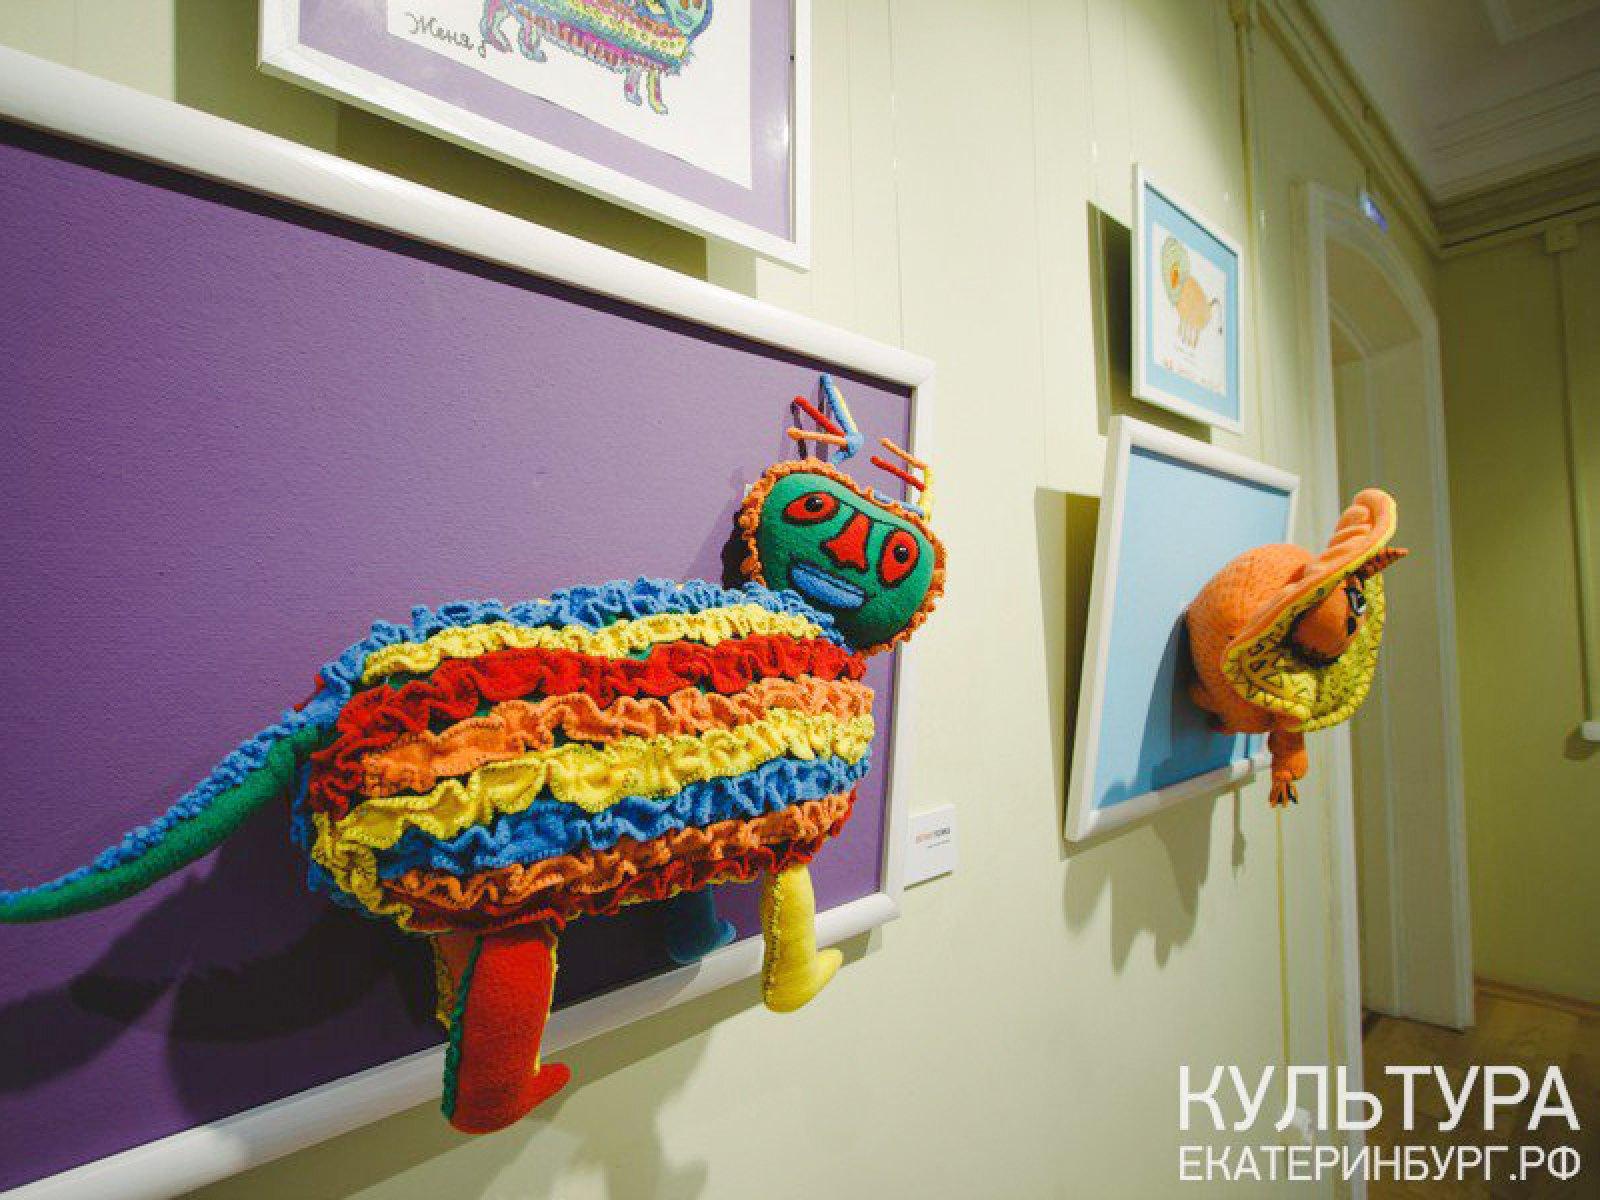 Инклюзивная выставка «От модерна к русскому авангарду» приехала в Екатеринбург